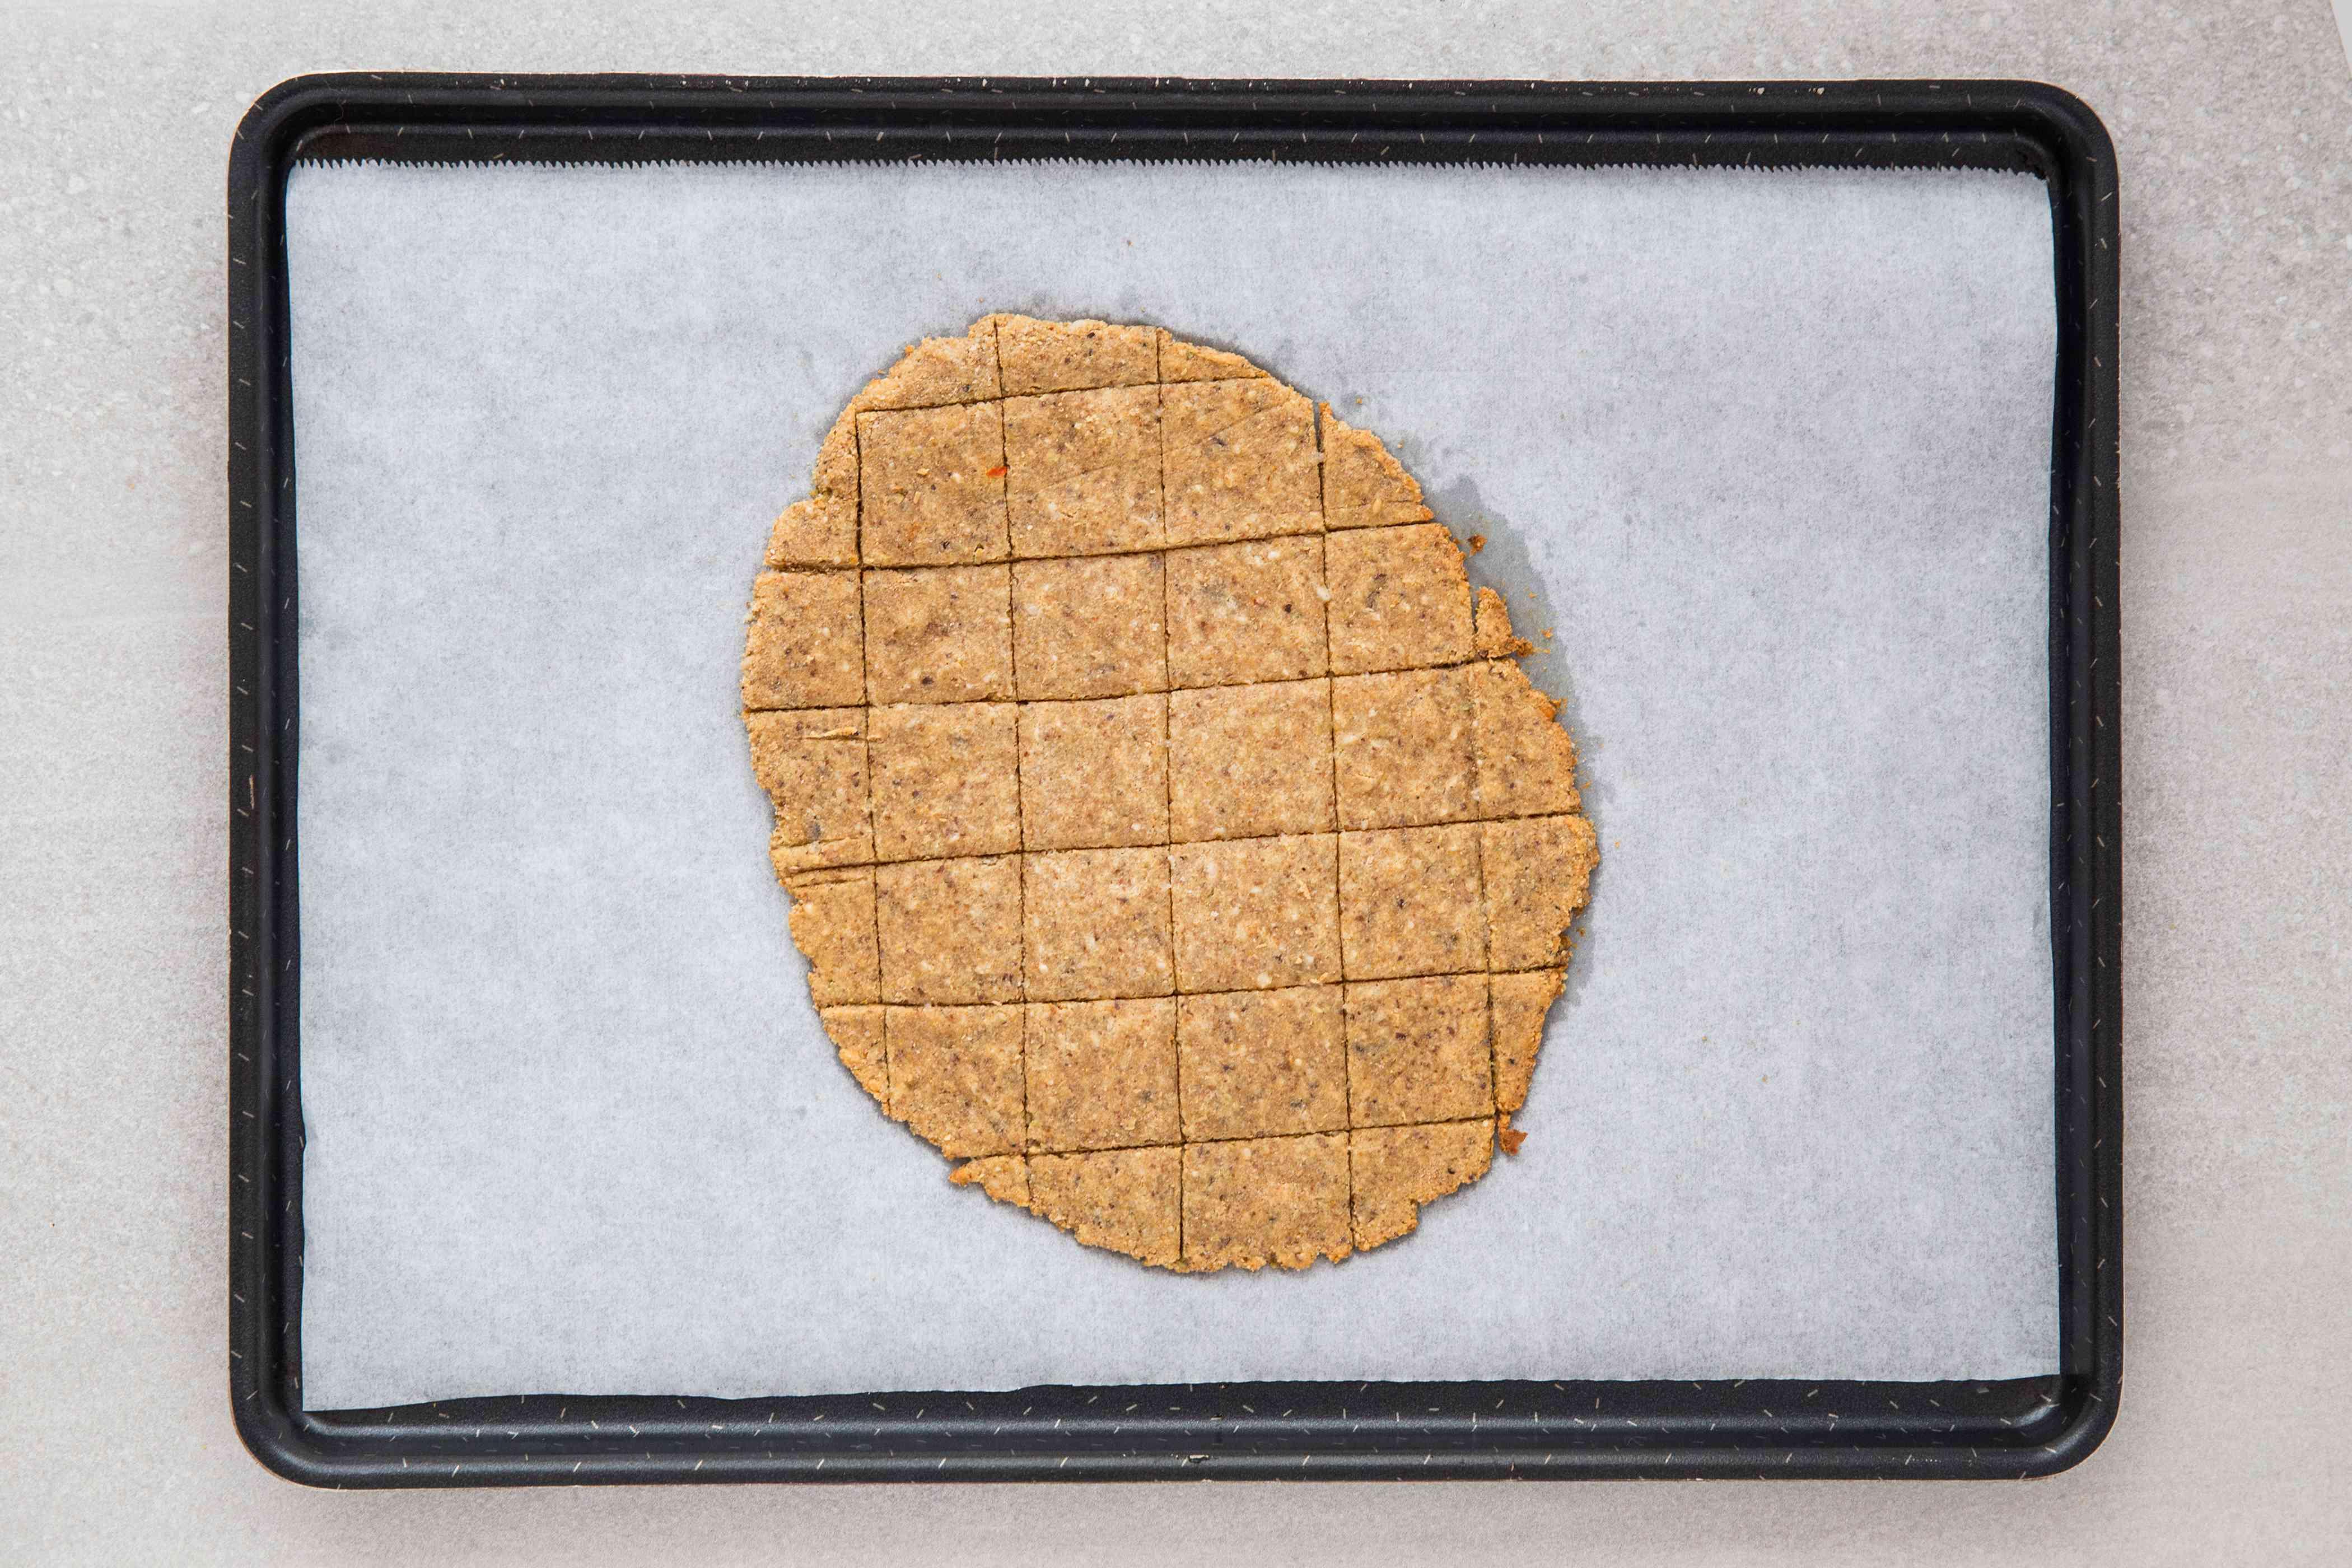 flax cracker dough on a baking sheet